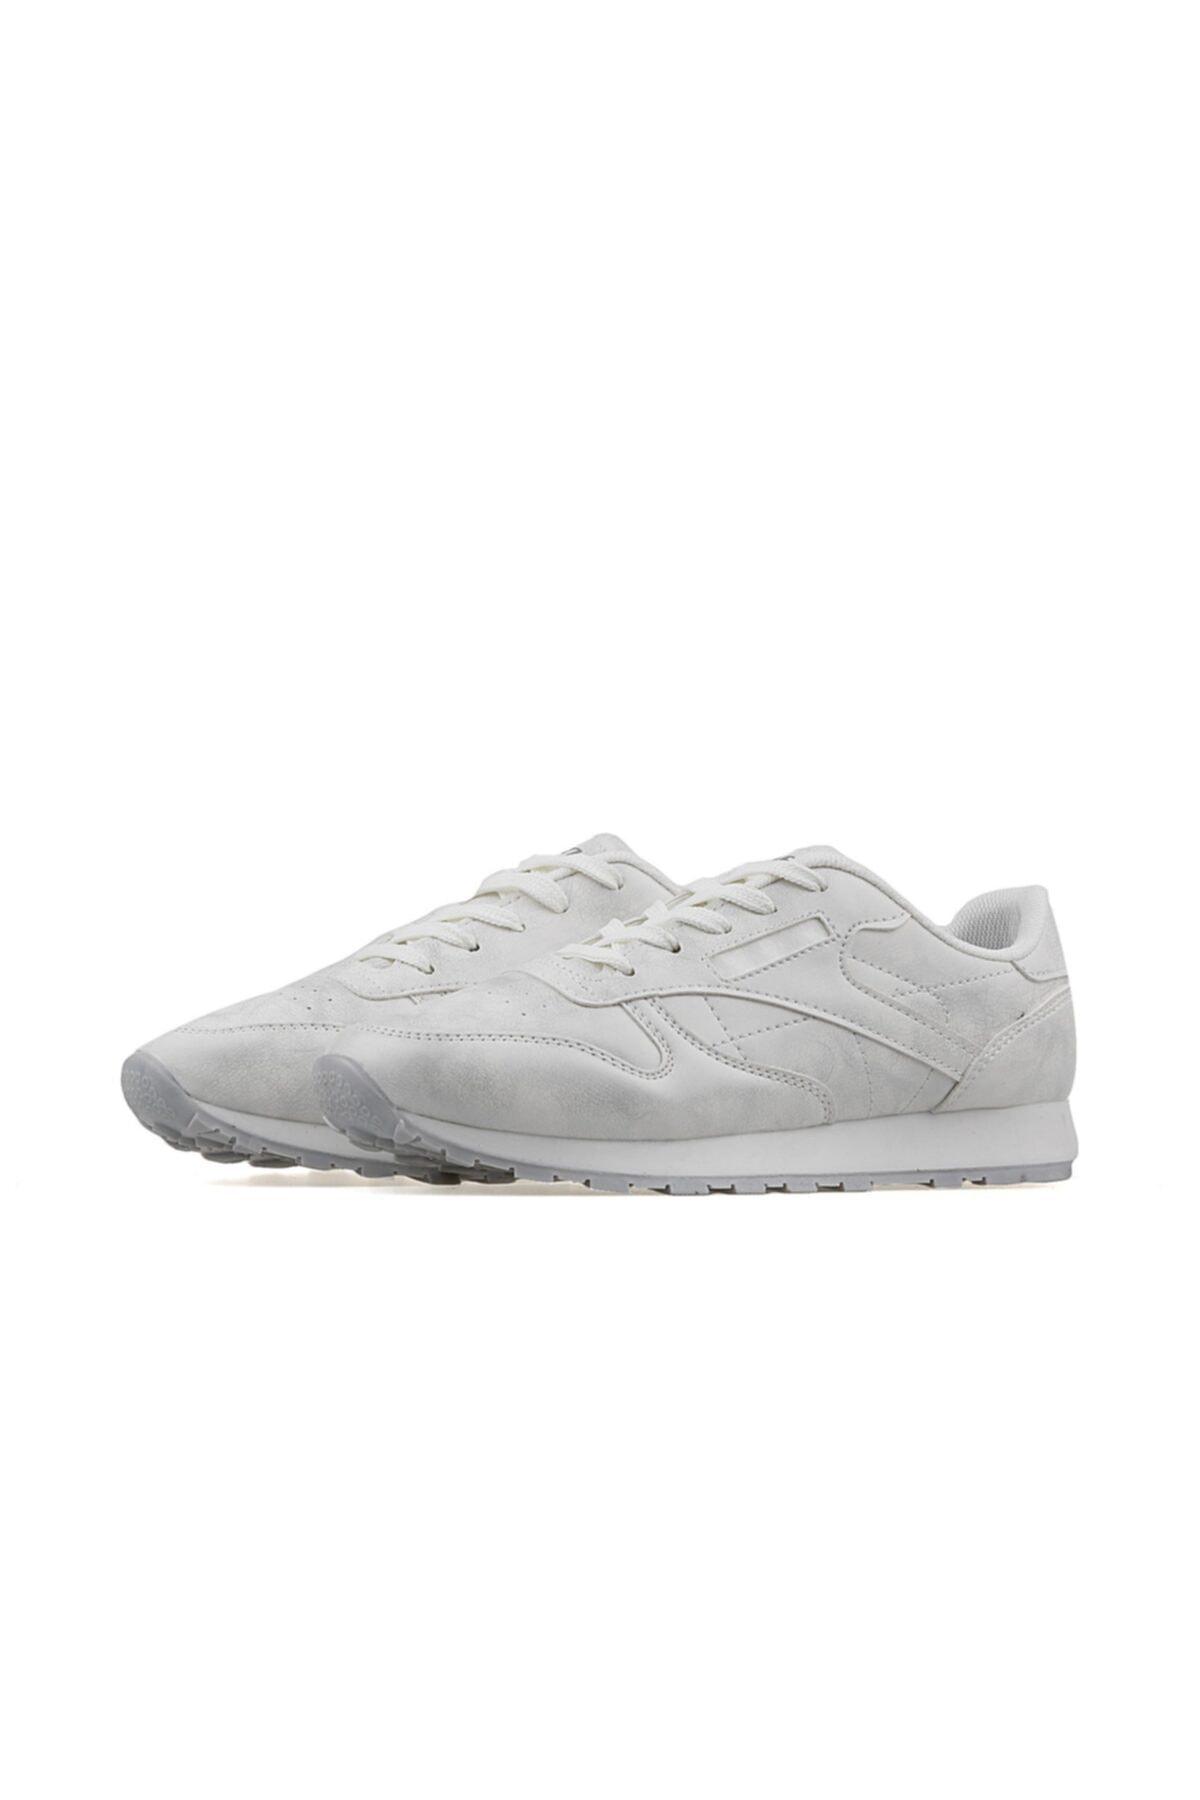 خرید نقدی کفش مخصوص پیاده روی شیک برند کینتیکس kinetix کد ty59150433